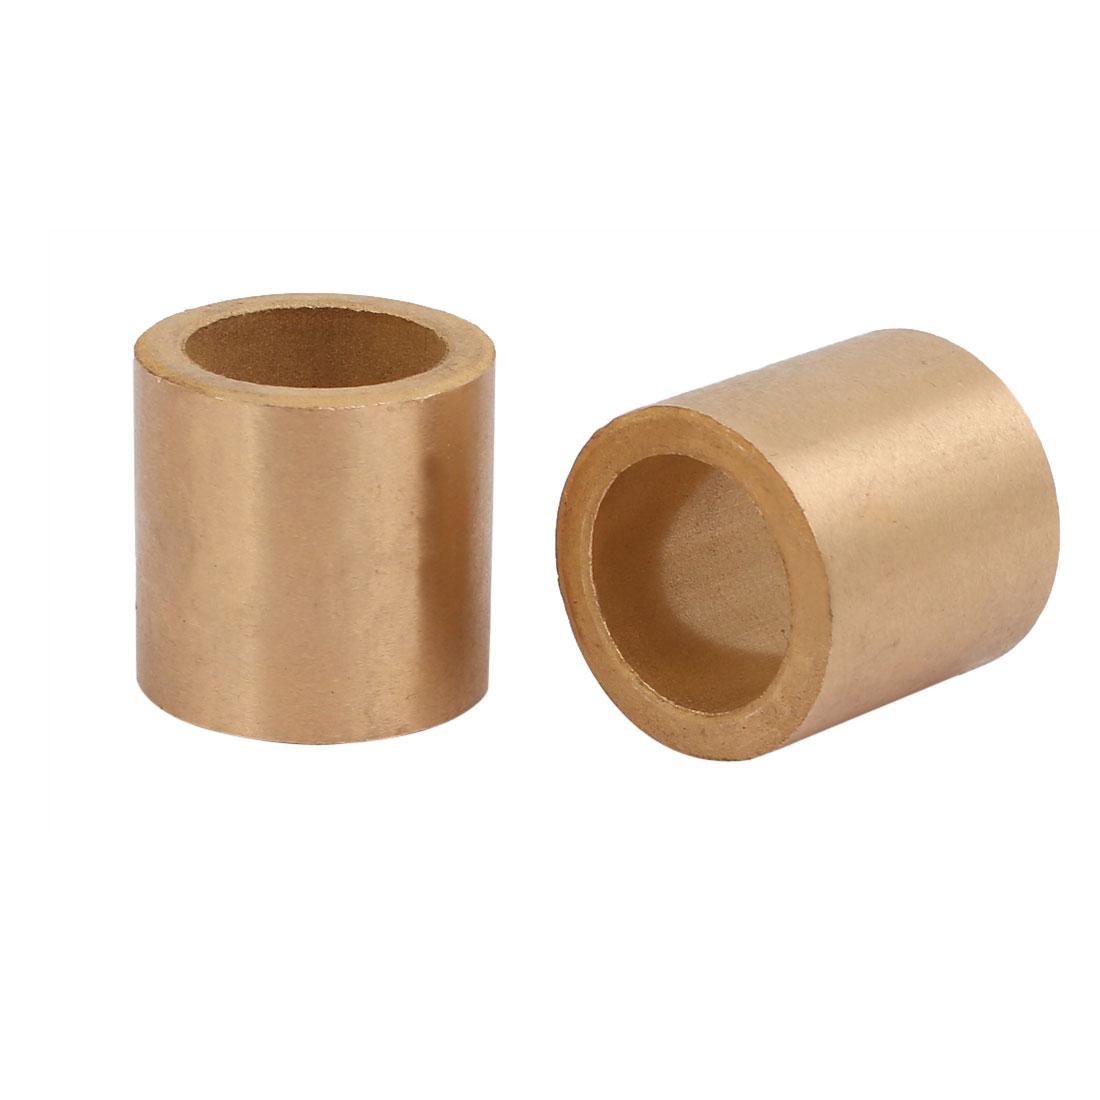 18mmx25mmx25mm Powdered Metal Bronze Sleeve Bearing Bushing 2pcs